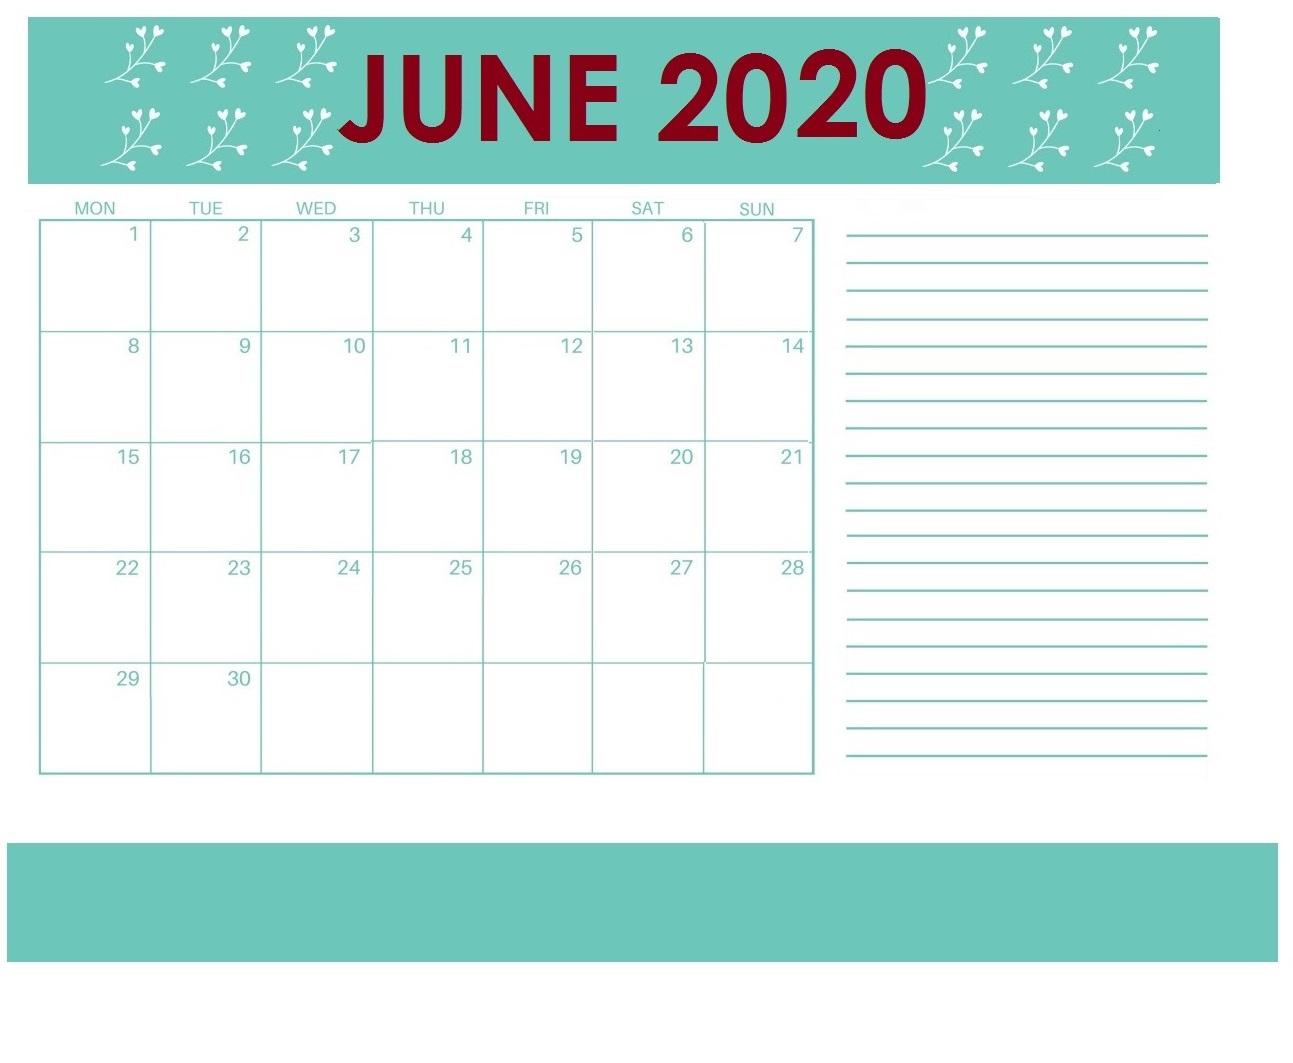 Blank June 2020 Desk Planner